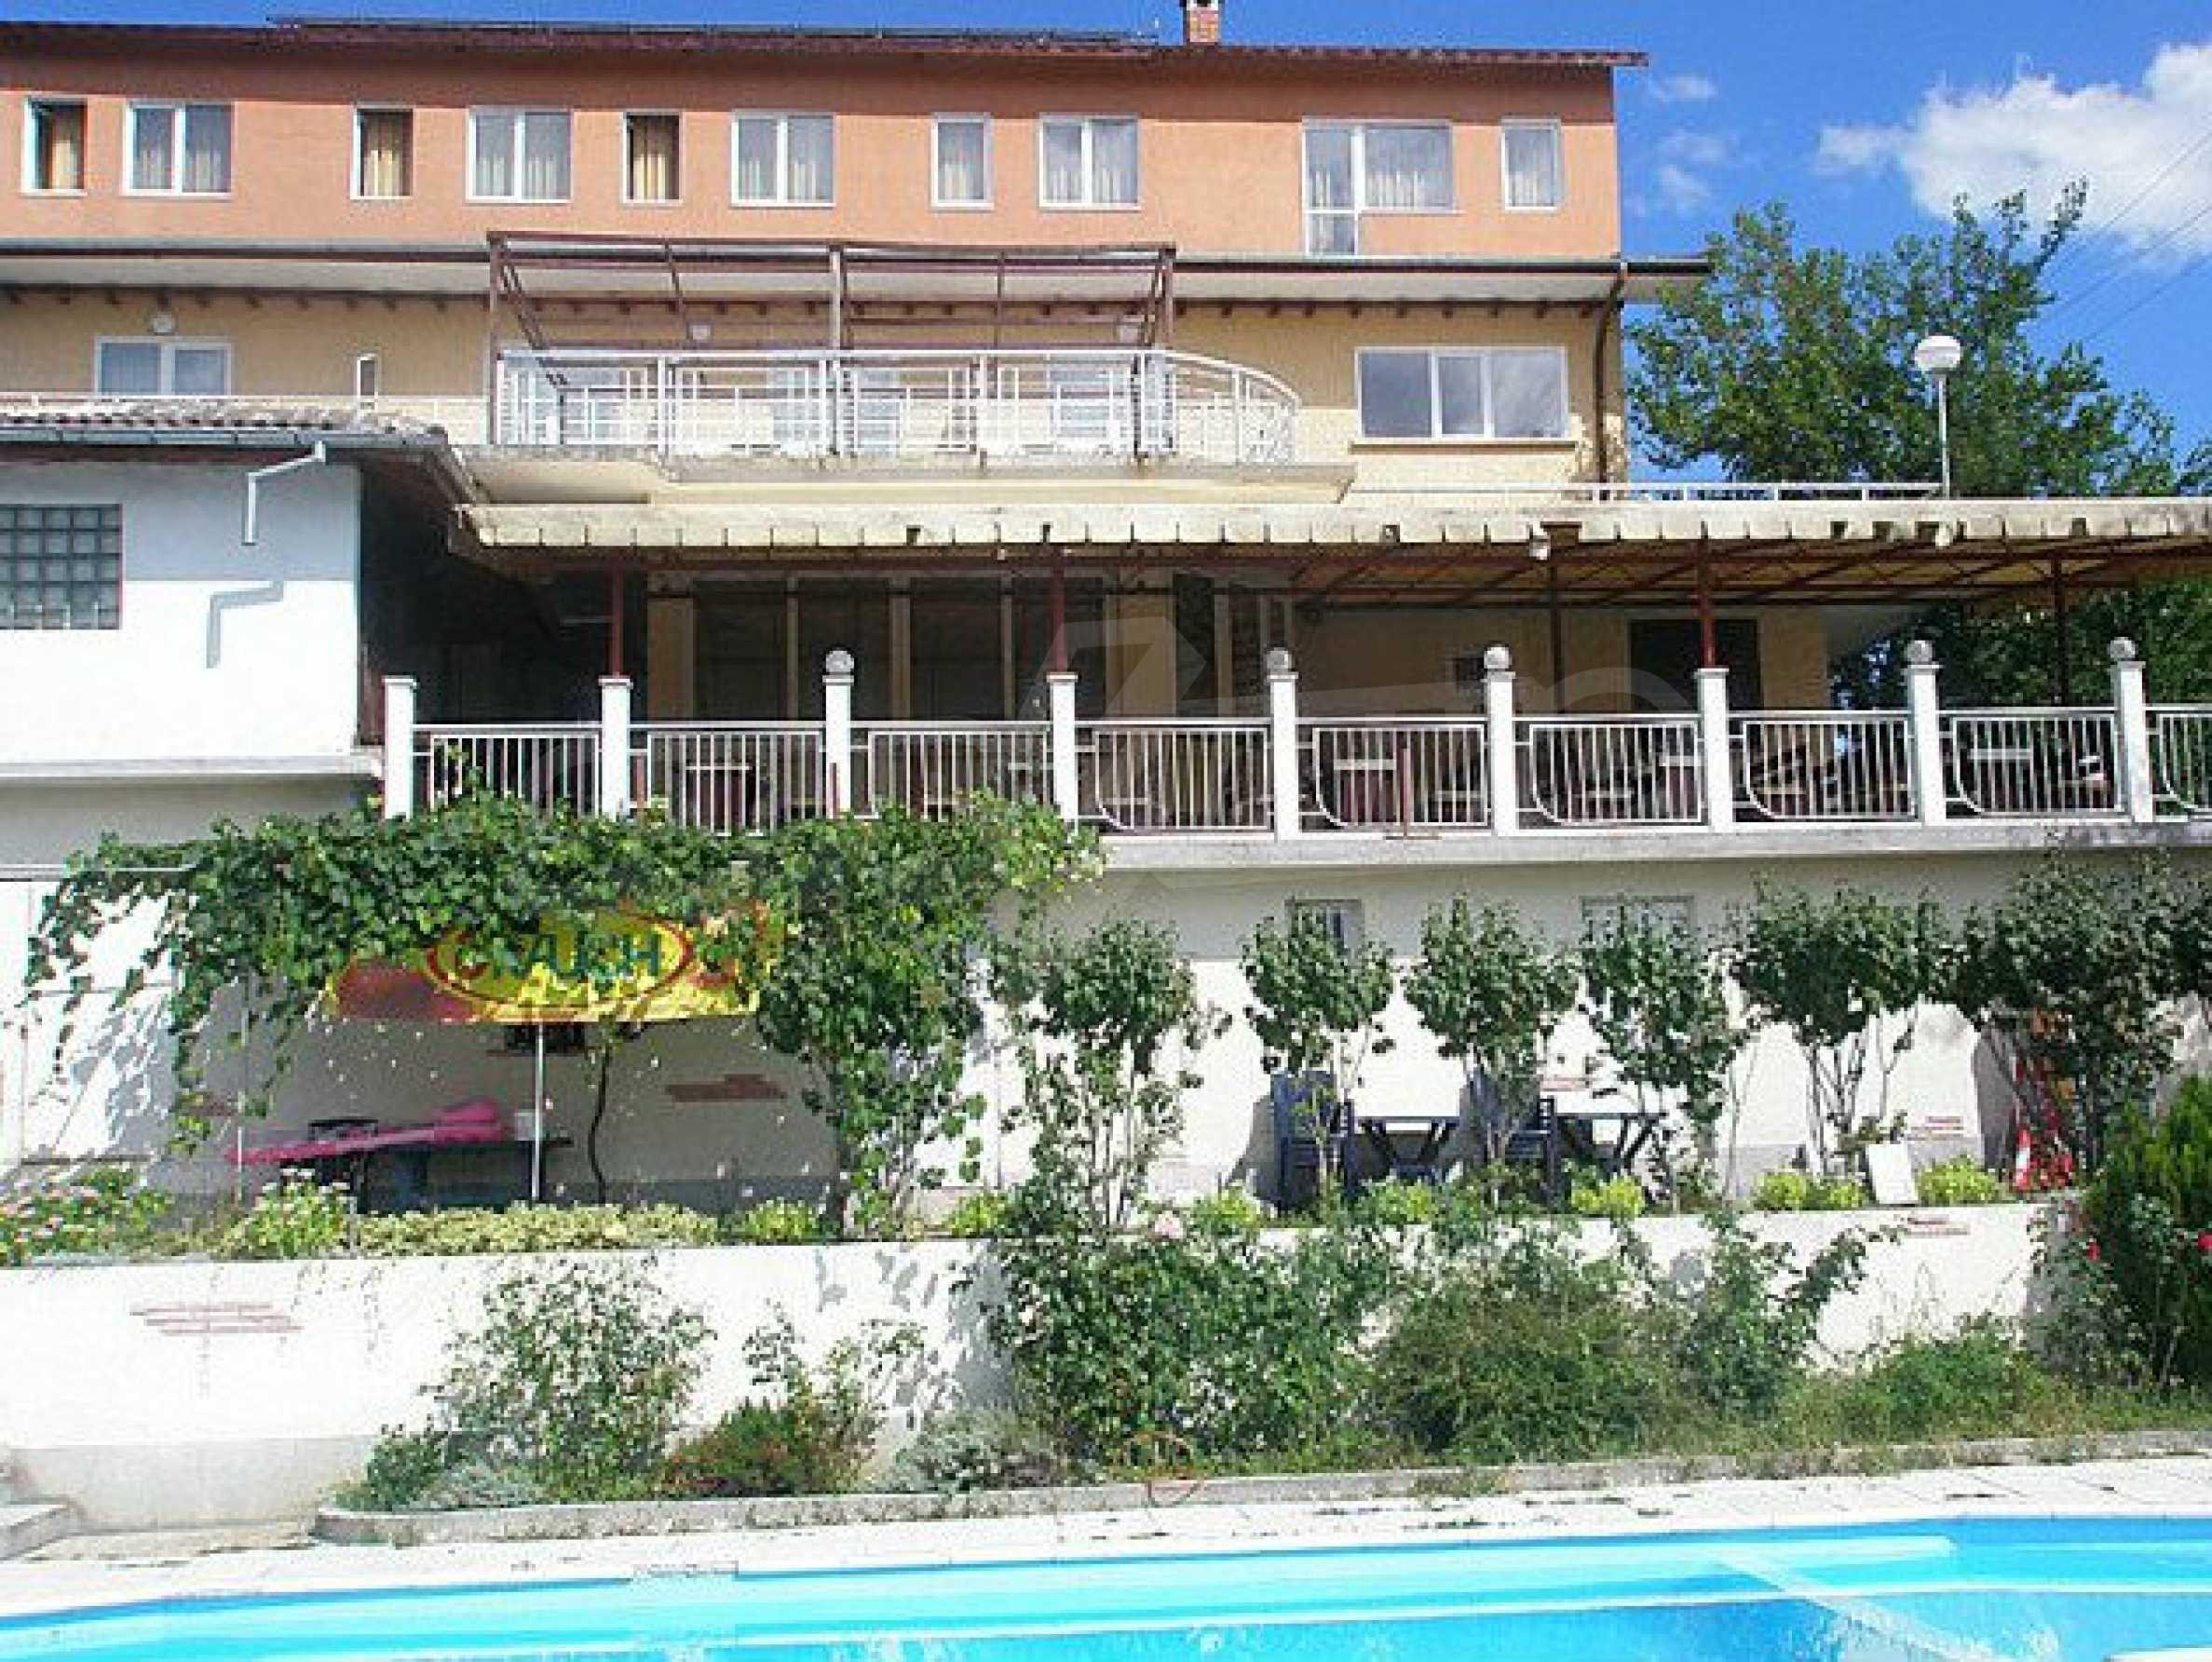 Funktionierendes Hotel mit Pool im Herzen von Stara Planina 1